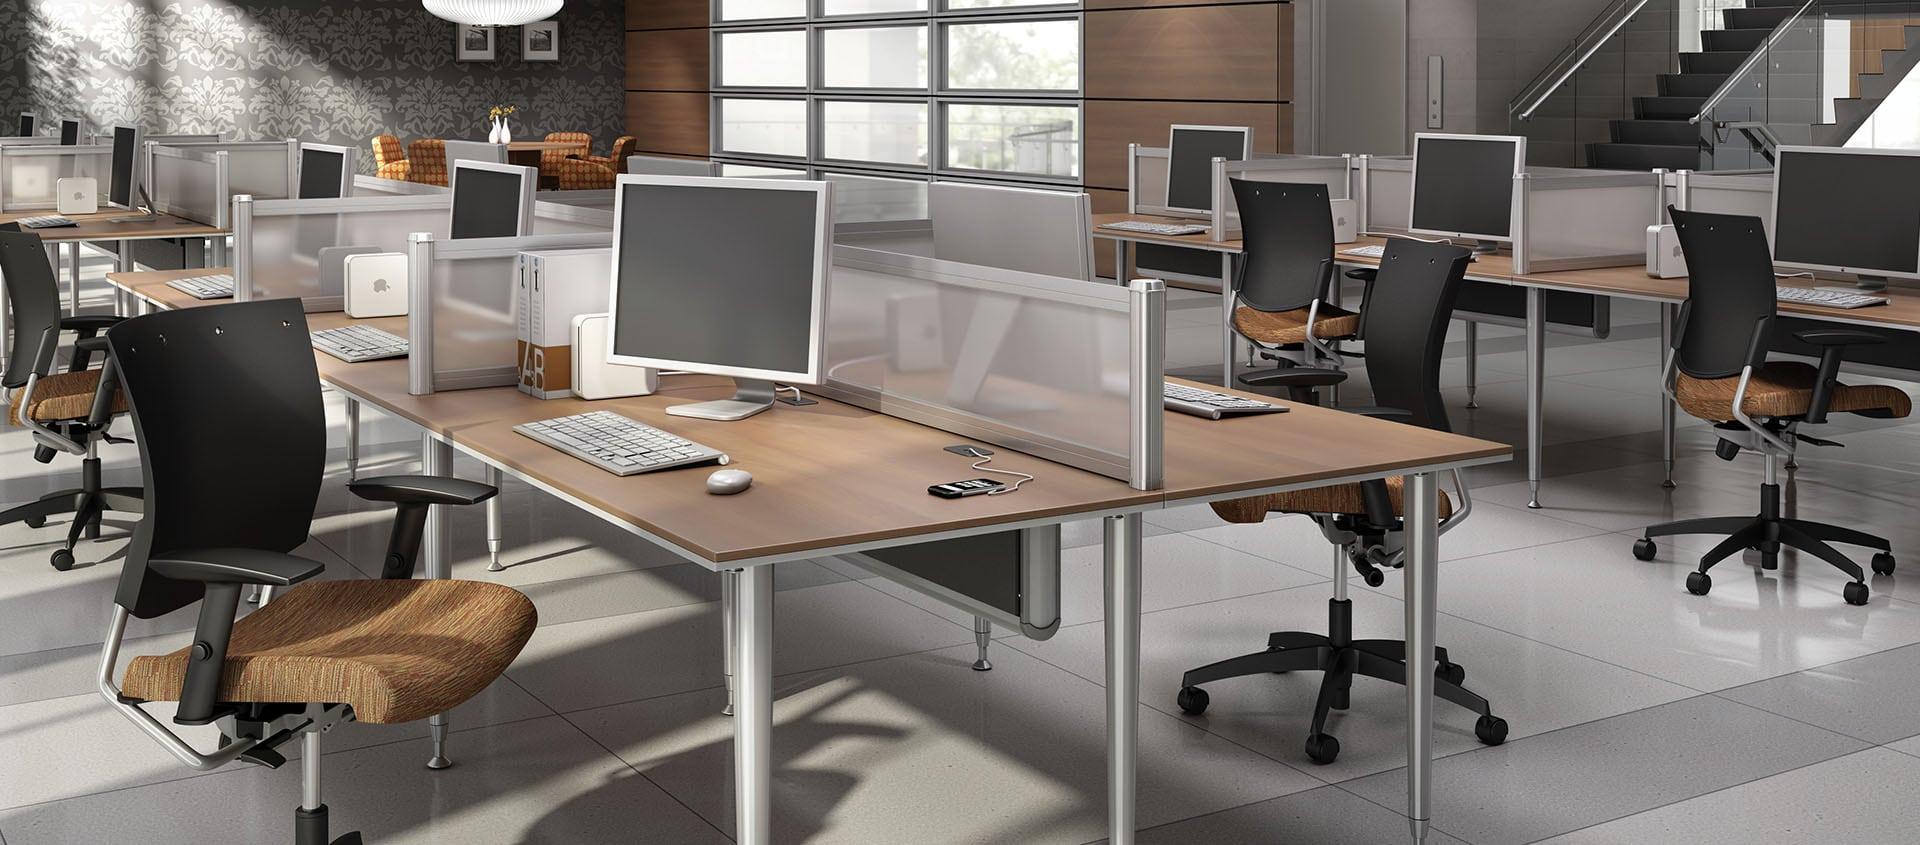 Bungee SL Open Office Plan Desks